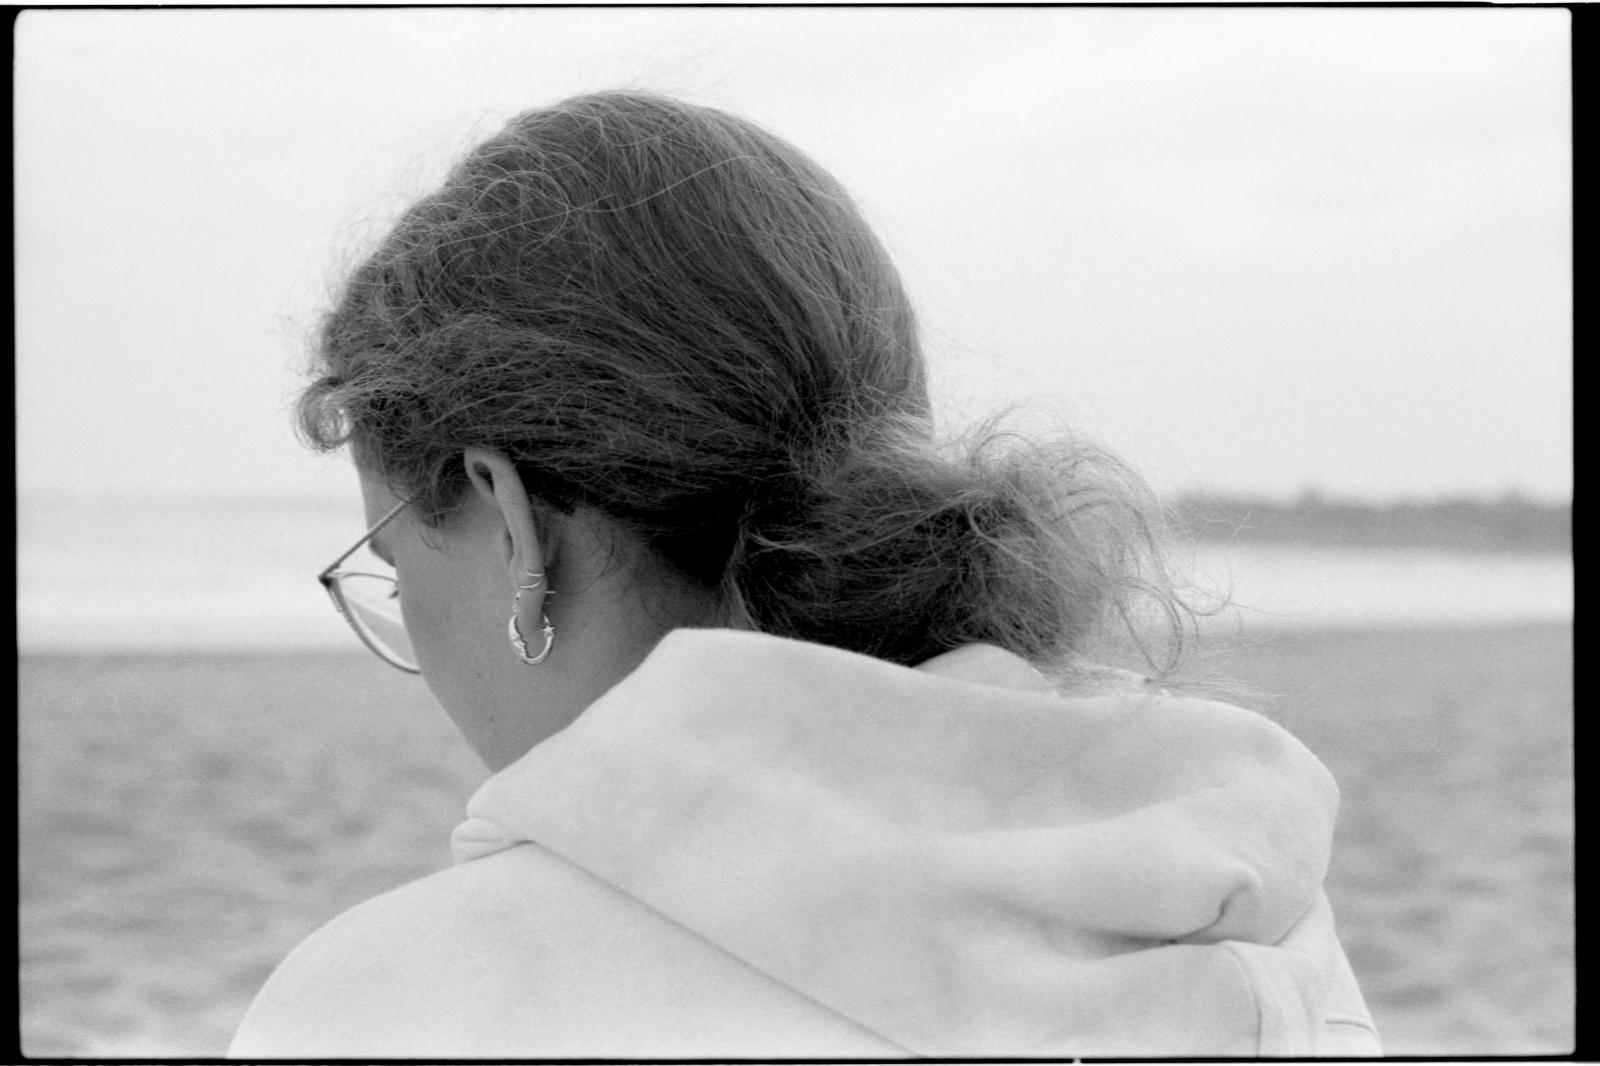 Zandra at the Beach. May 2021.